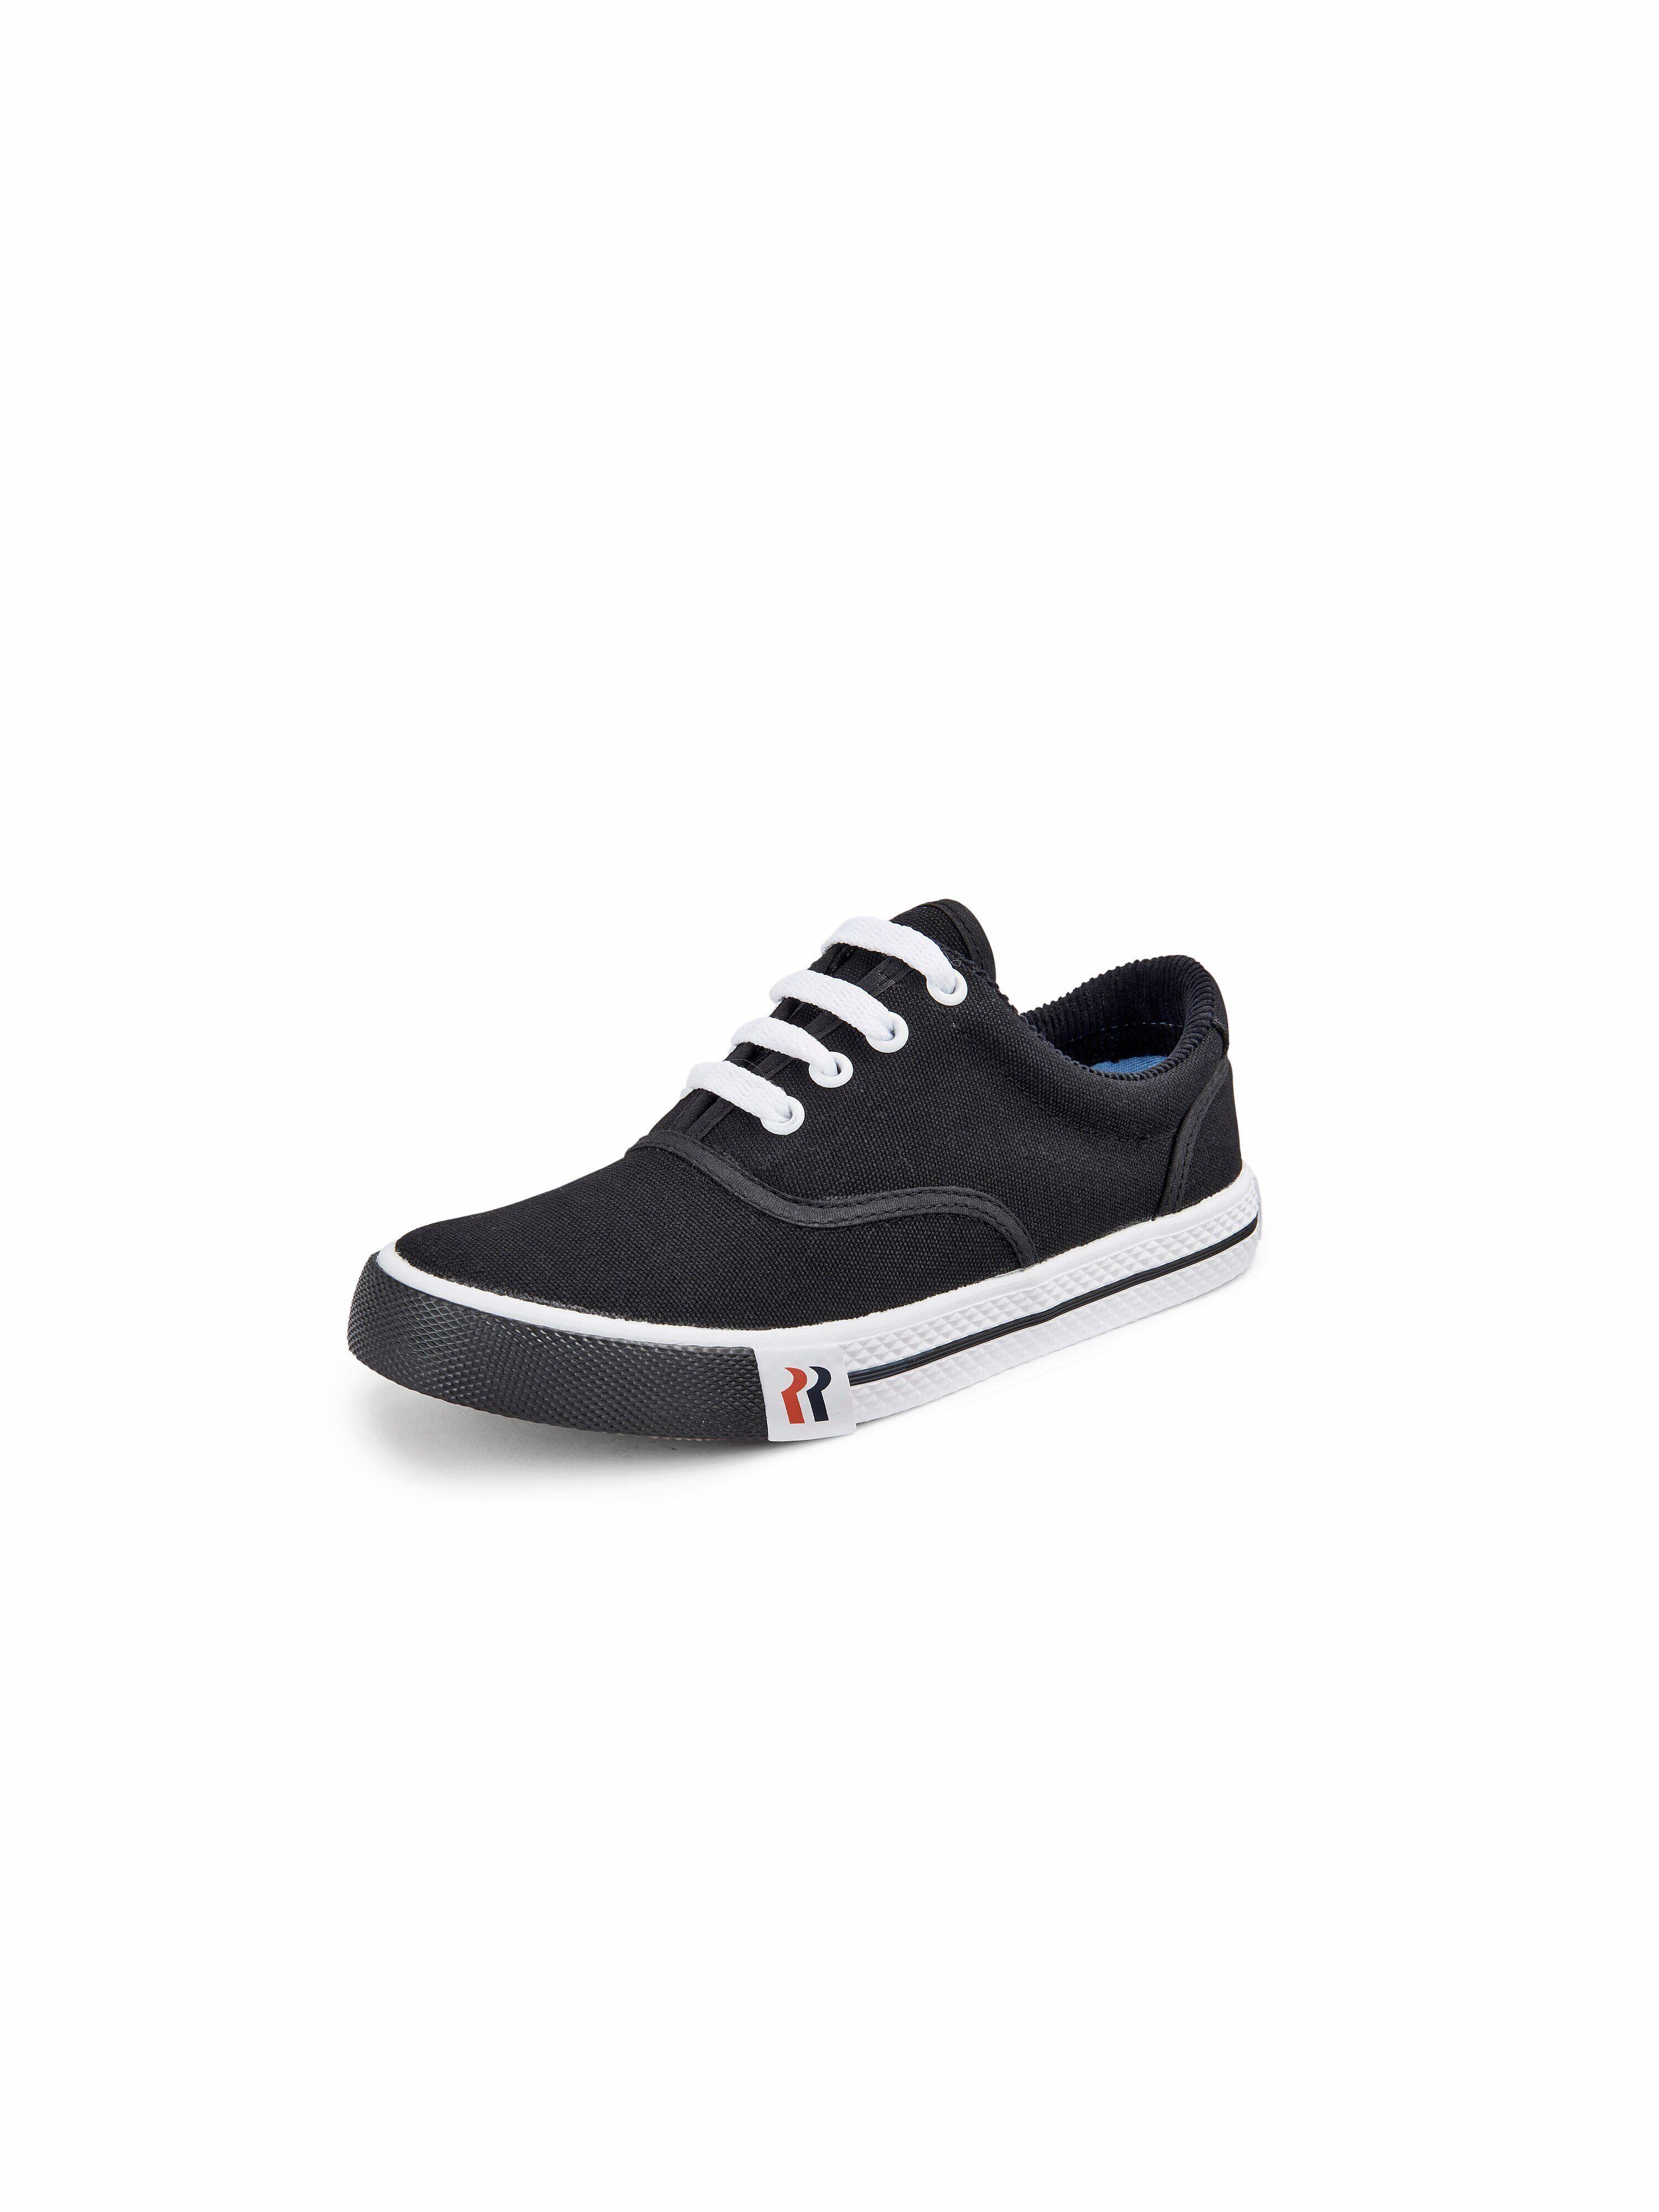 Romika Sneakers Fra Romika sort